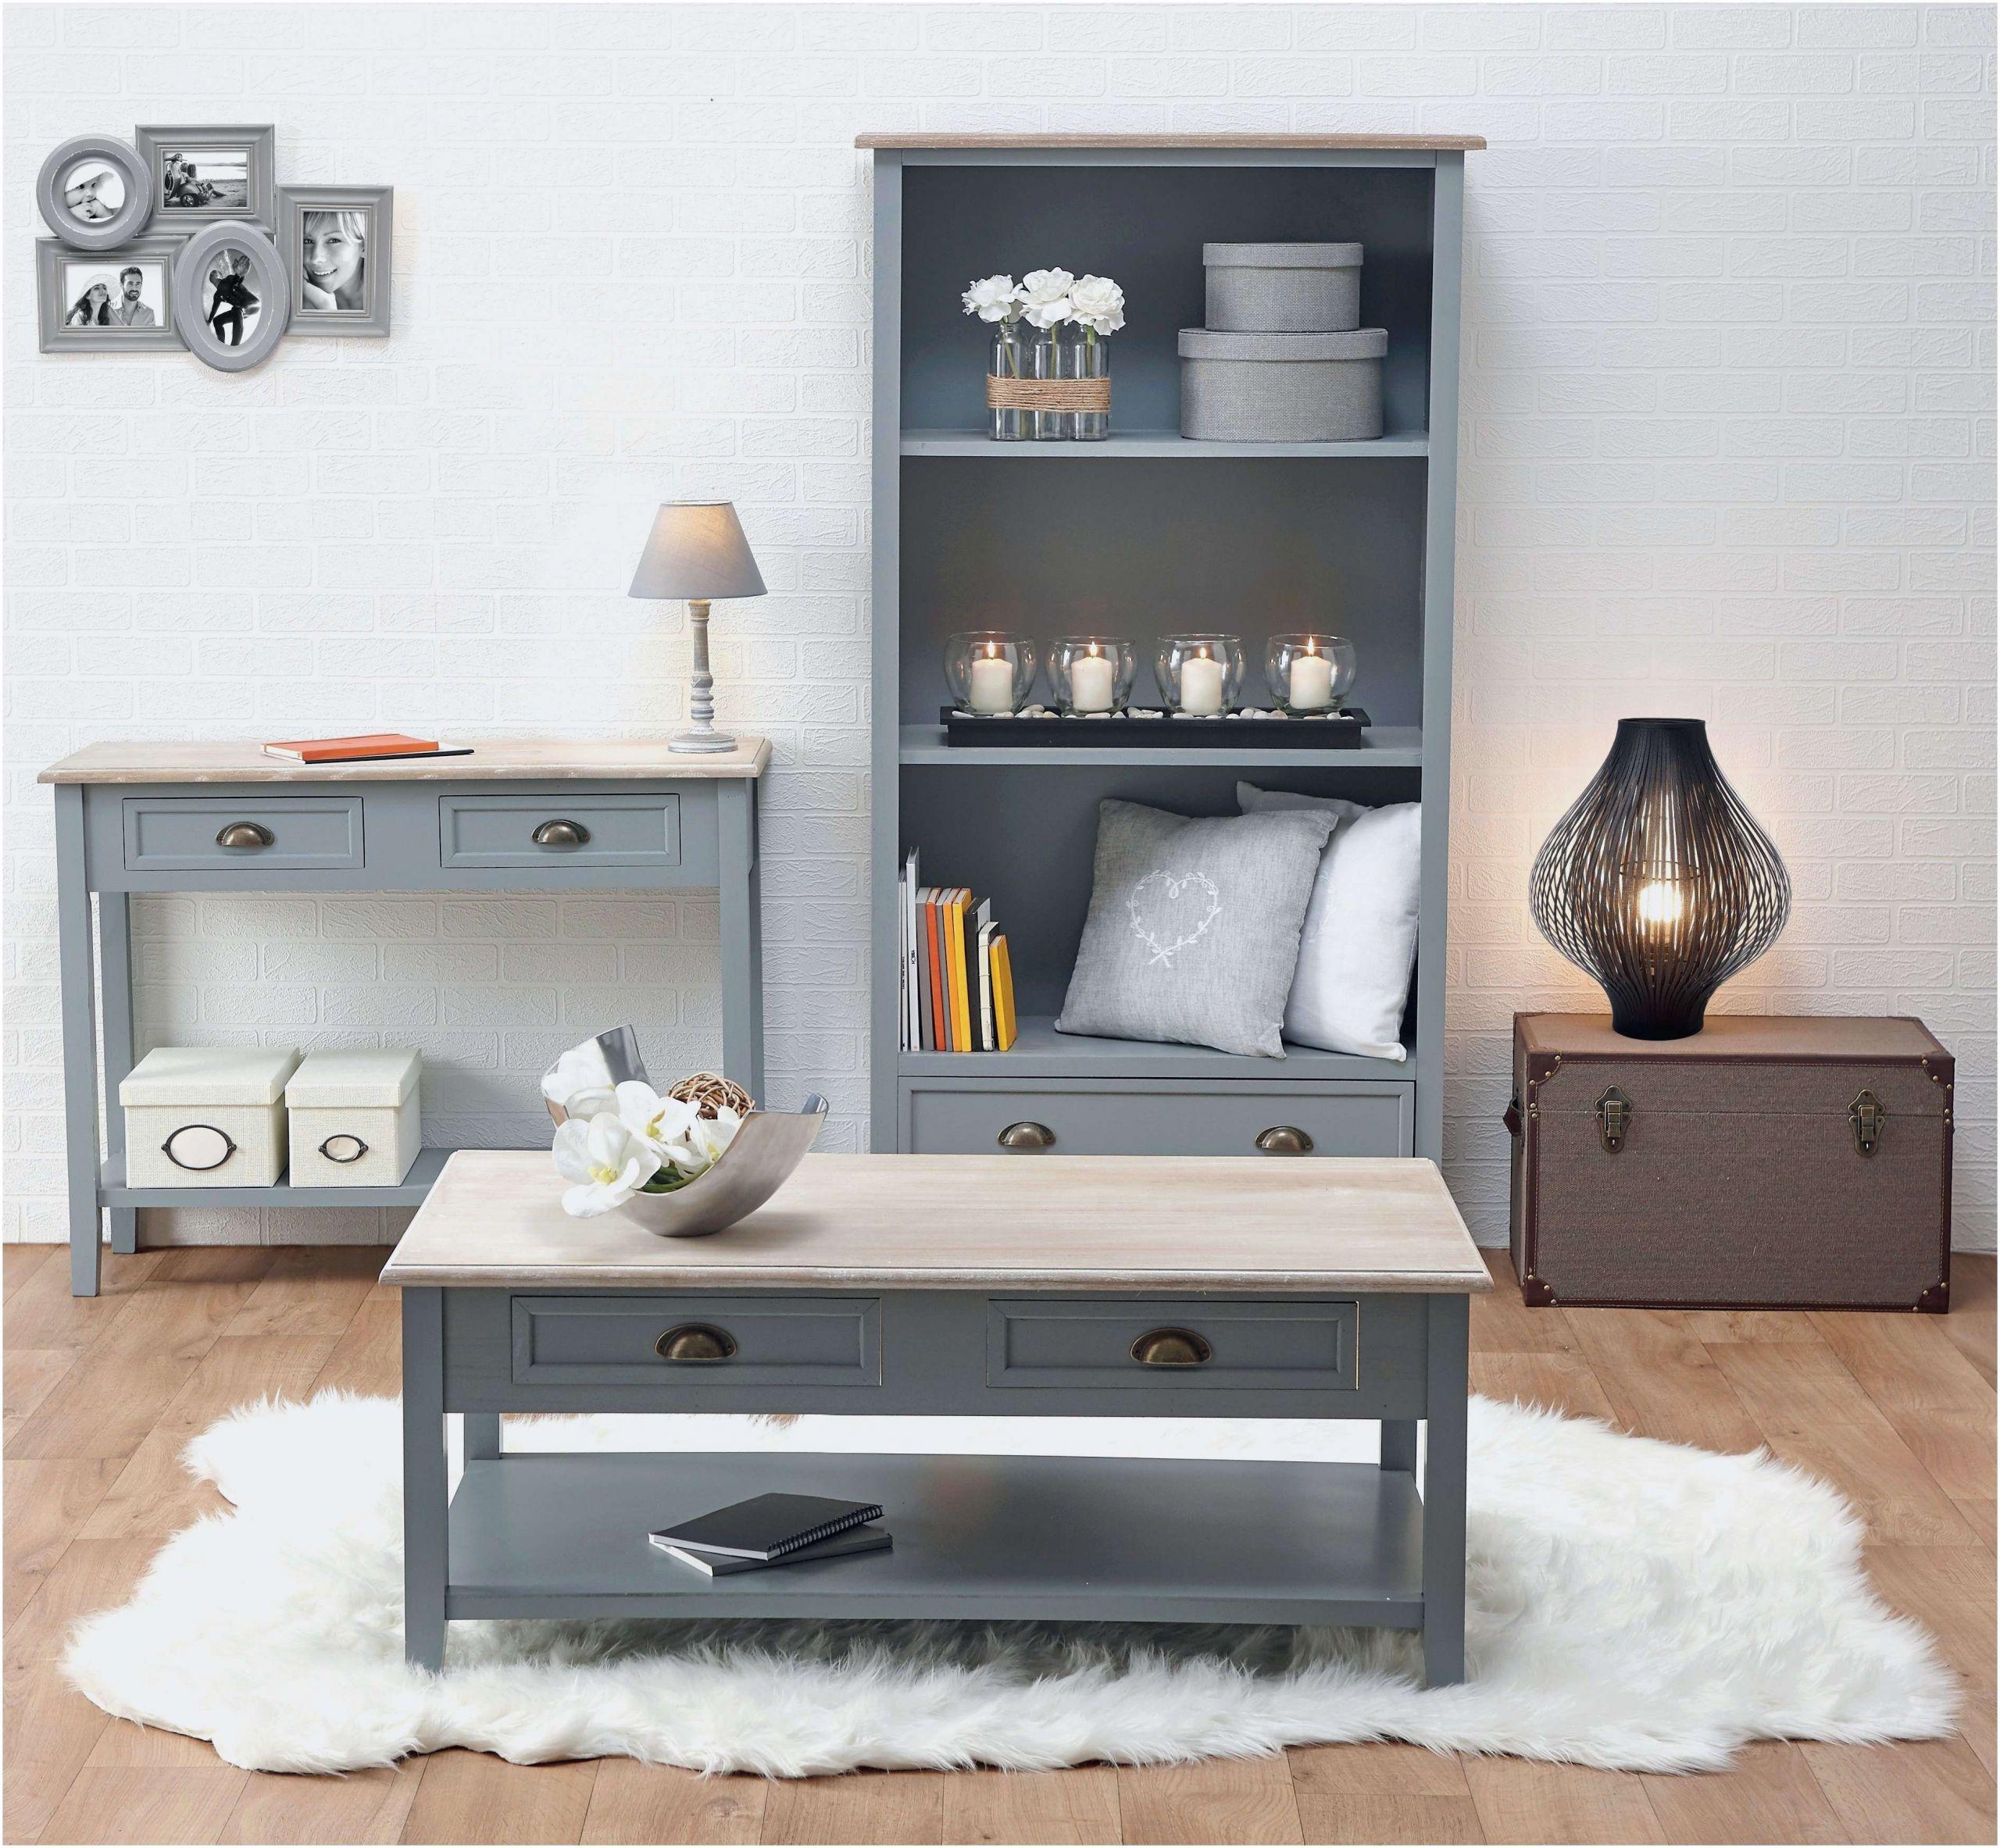 casier de rangement plastique a tiroir petit meuble a tiroir frais petit meuble bas cuisine meilleur de mobilier cuisine 0d archives de nouveau haut bac de rangement plastique pas cher gener